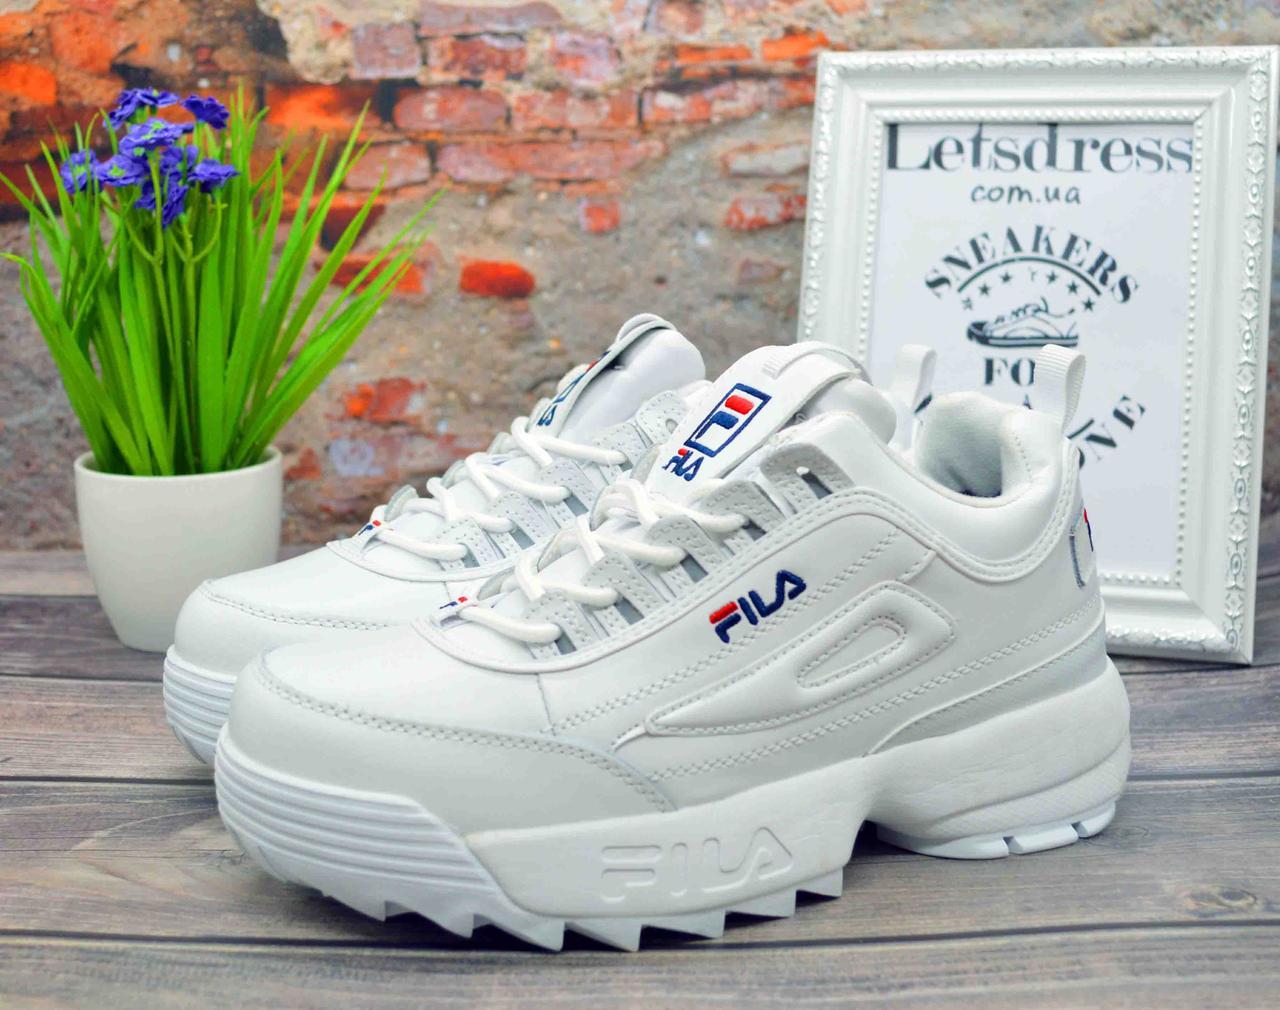 ✅ Жіночі кросівки зимові ШКІРА ХУТРО Fila Disruptor 2 White Філа Дисраптор білі кросівки на платформі